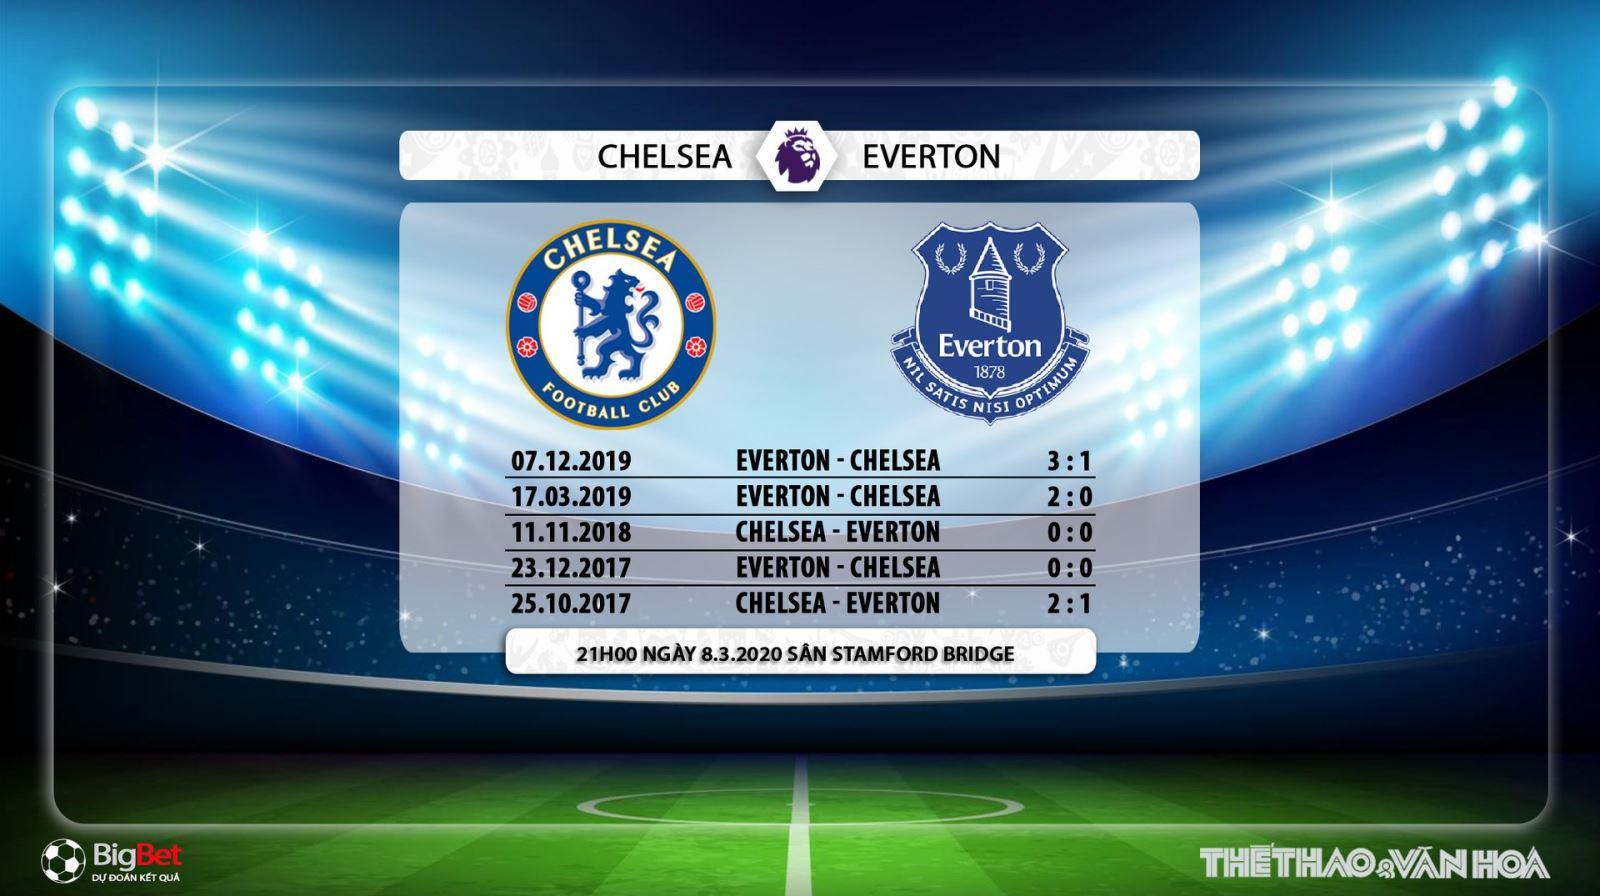 Chelsea vs Everton, Chelsea, Everton, trực tiếp Chelsea vs Everton, Chelsea đấu với Everton, lịch thi đấu bóng đá, bóng đá, bong da